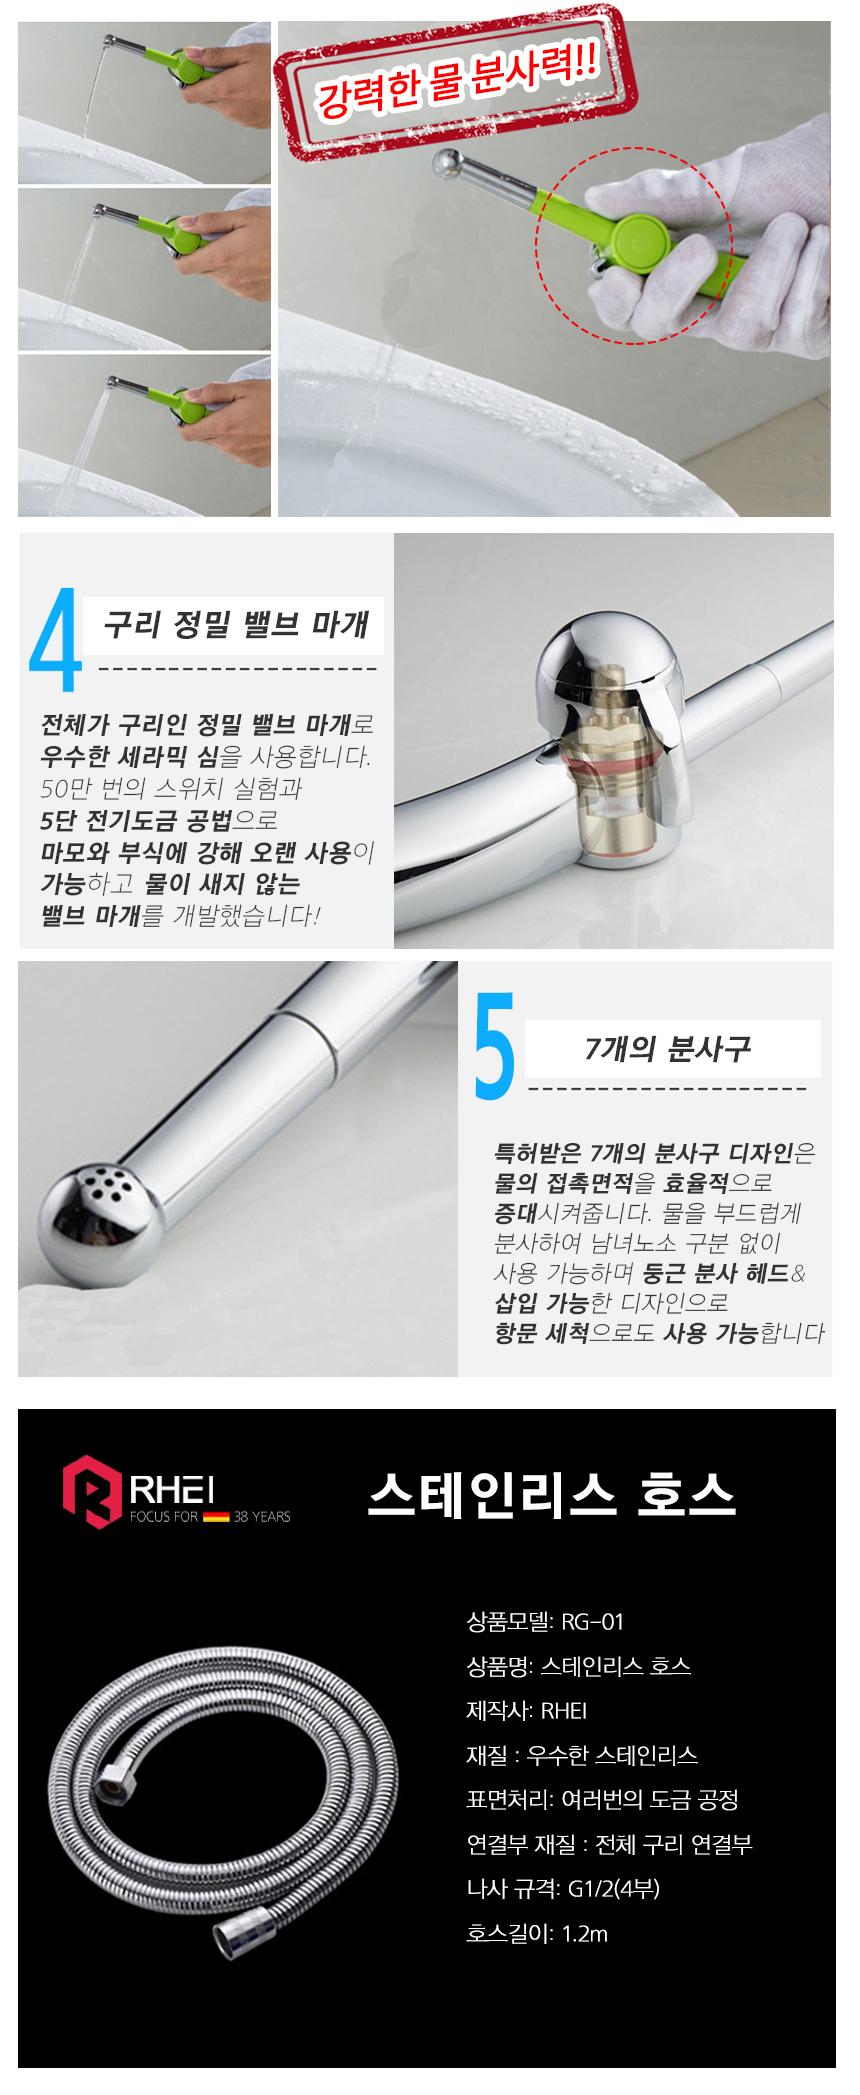 변기 샤워기 욕실 청소 스프레이건 - 몽트노블, 18,900원, 정리용품/청소, 욕실청소용품